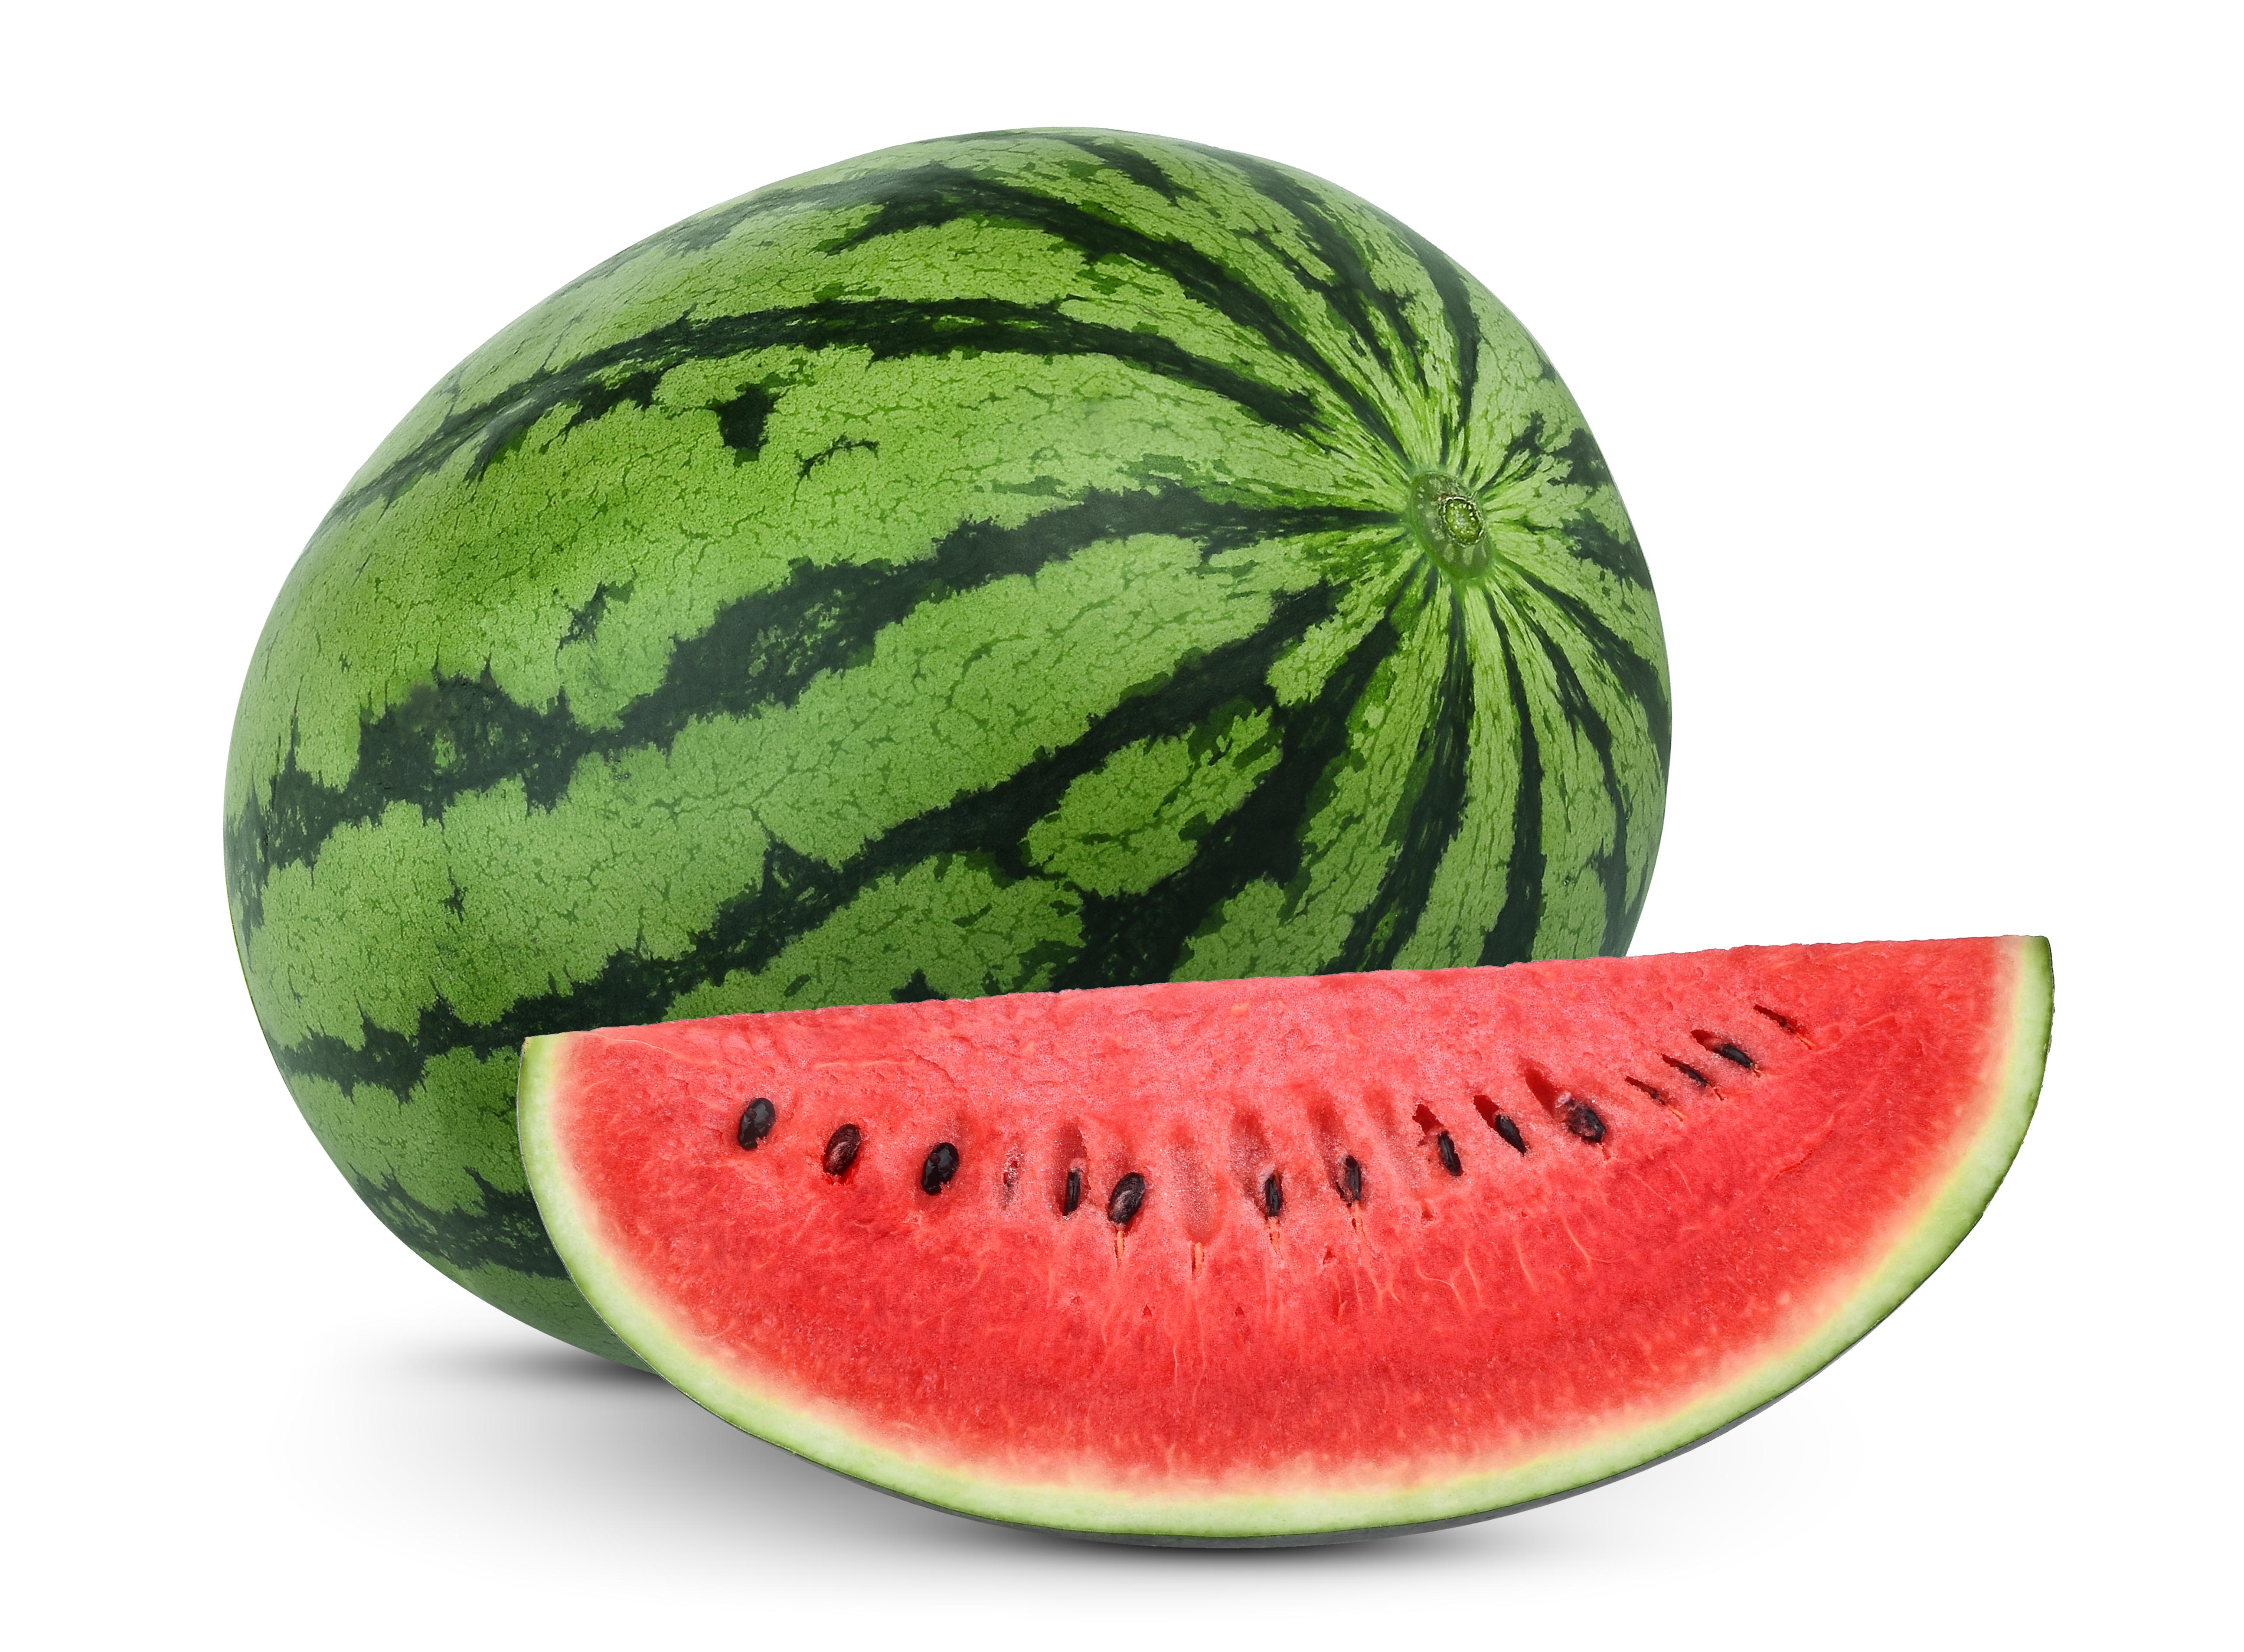 Bio-Wassermelone, ganze Frucht und aufgeschnitten mit rotem Fruchtfleisch